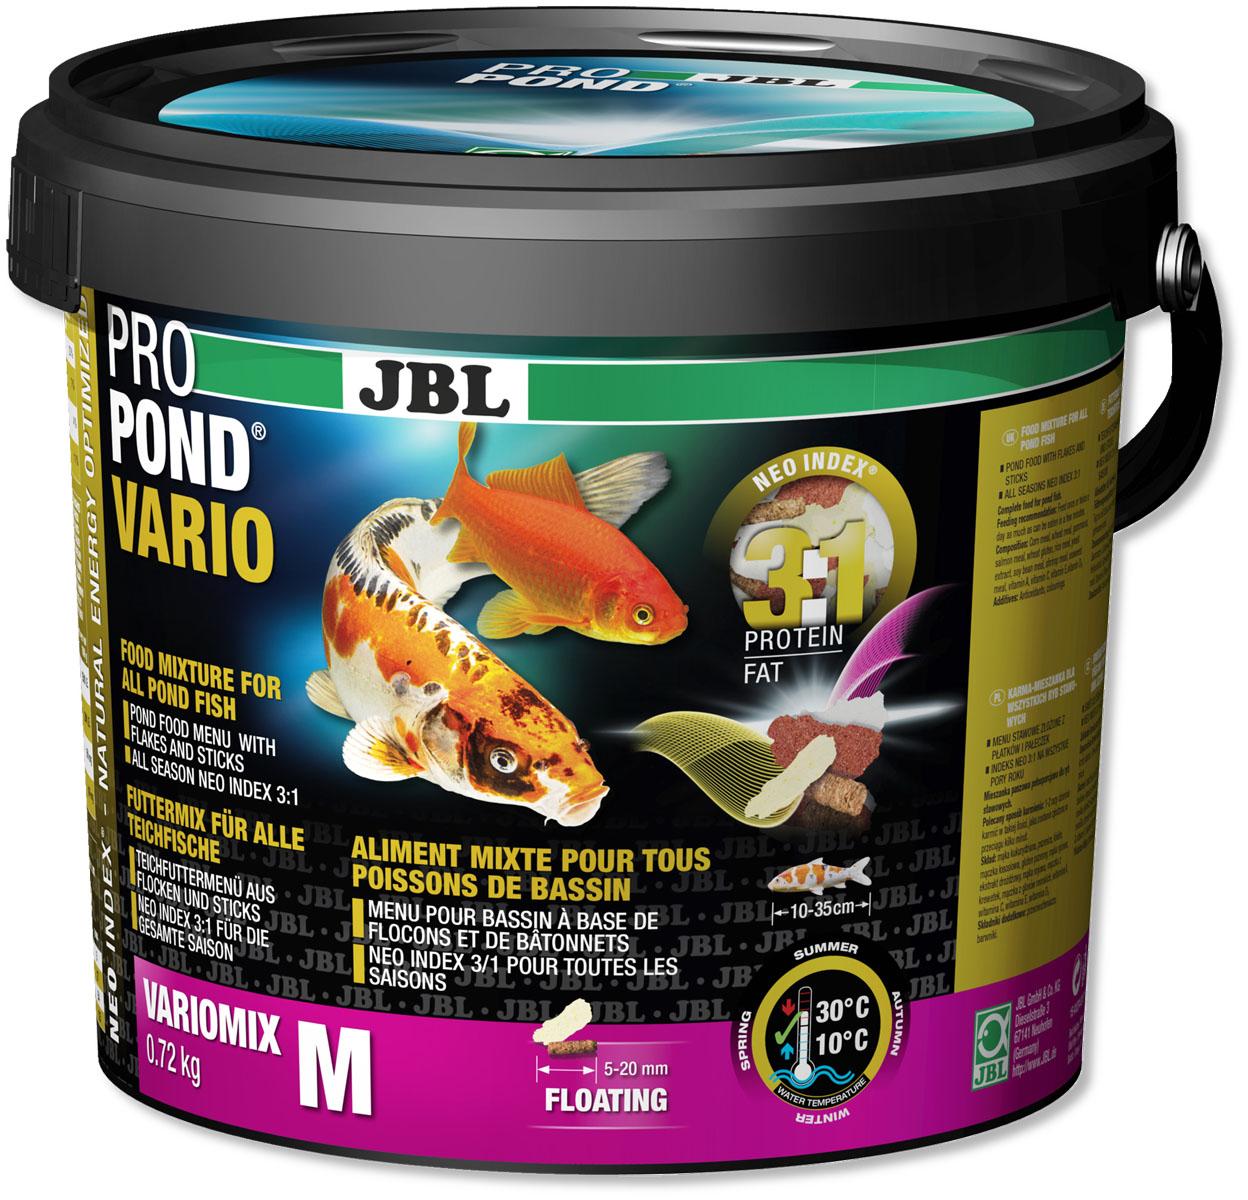 Корм JBL ProPond. Vario M для прудовых рыб среднего размера, плавающие палочки и хлопья, 720 г (5,5 л)0120710Корм JBL ProPond. Vario M в виде плавающих палочек и хлопьев предназначен для любых прудовых рыб. Это основной корм с правильным соотношением белков и жиров 3:1 по индексу NEO Index, учитывающему температуру воды, функции, размер и возраст питомцев. NEO Индекс буквально означает: натуральное энергетически оптимизированное питание. Если рассматривать с точки зрения времени года, рыбы зимой должны получать вдвое меньше белков (2:1), чем летом (4:1). Однако учитываются не только время года и температура воды, но и размер, и возраст, а также функция корма (например, для роста - ProPond Growth). NEO Индекс сочетает в себе все эти нюансы. Корм содержит пшеницу, гаммарус, лосось, креветки и водоросли для силы и здоровья прудовых рыб (температура воды 10-30°C). Размер корма M (5-20 мм) предназначен для рыб 10-35 см. Плавучие палочки и хлопья с 23% белка, 7% жира, 4% клетчатки и 11% золы. Смесь кормов хранится в закрывающемся практичном непрозрачном водонепроницаемом пластиковом ведре для сохранения качества. Товар сертифицирован.